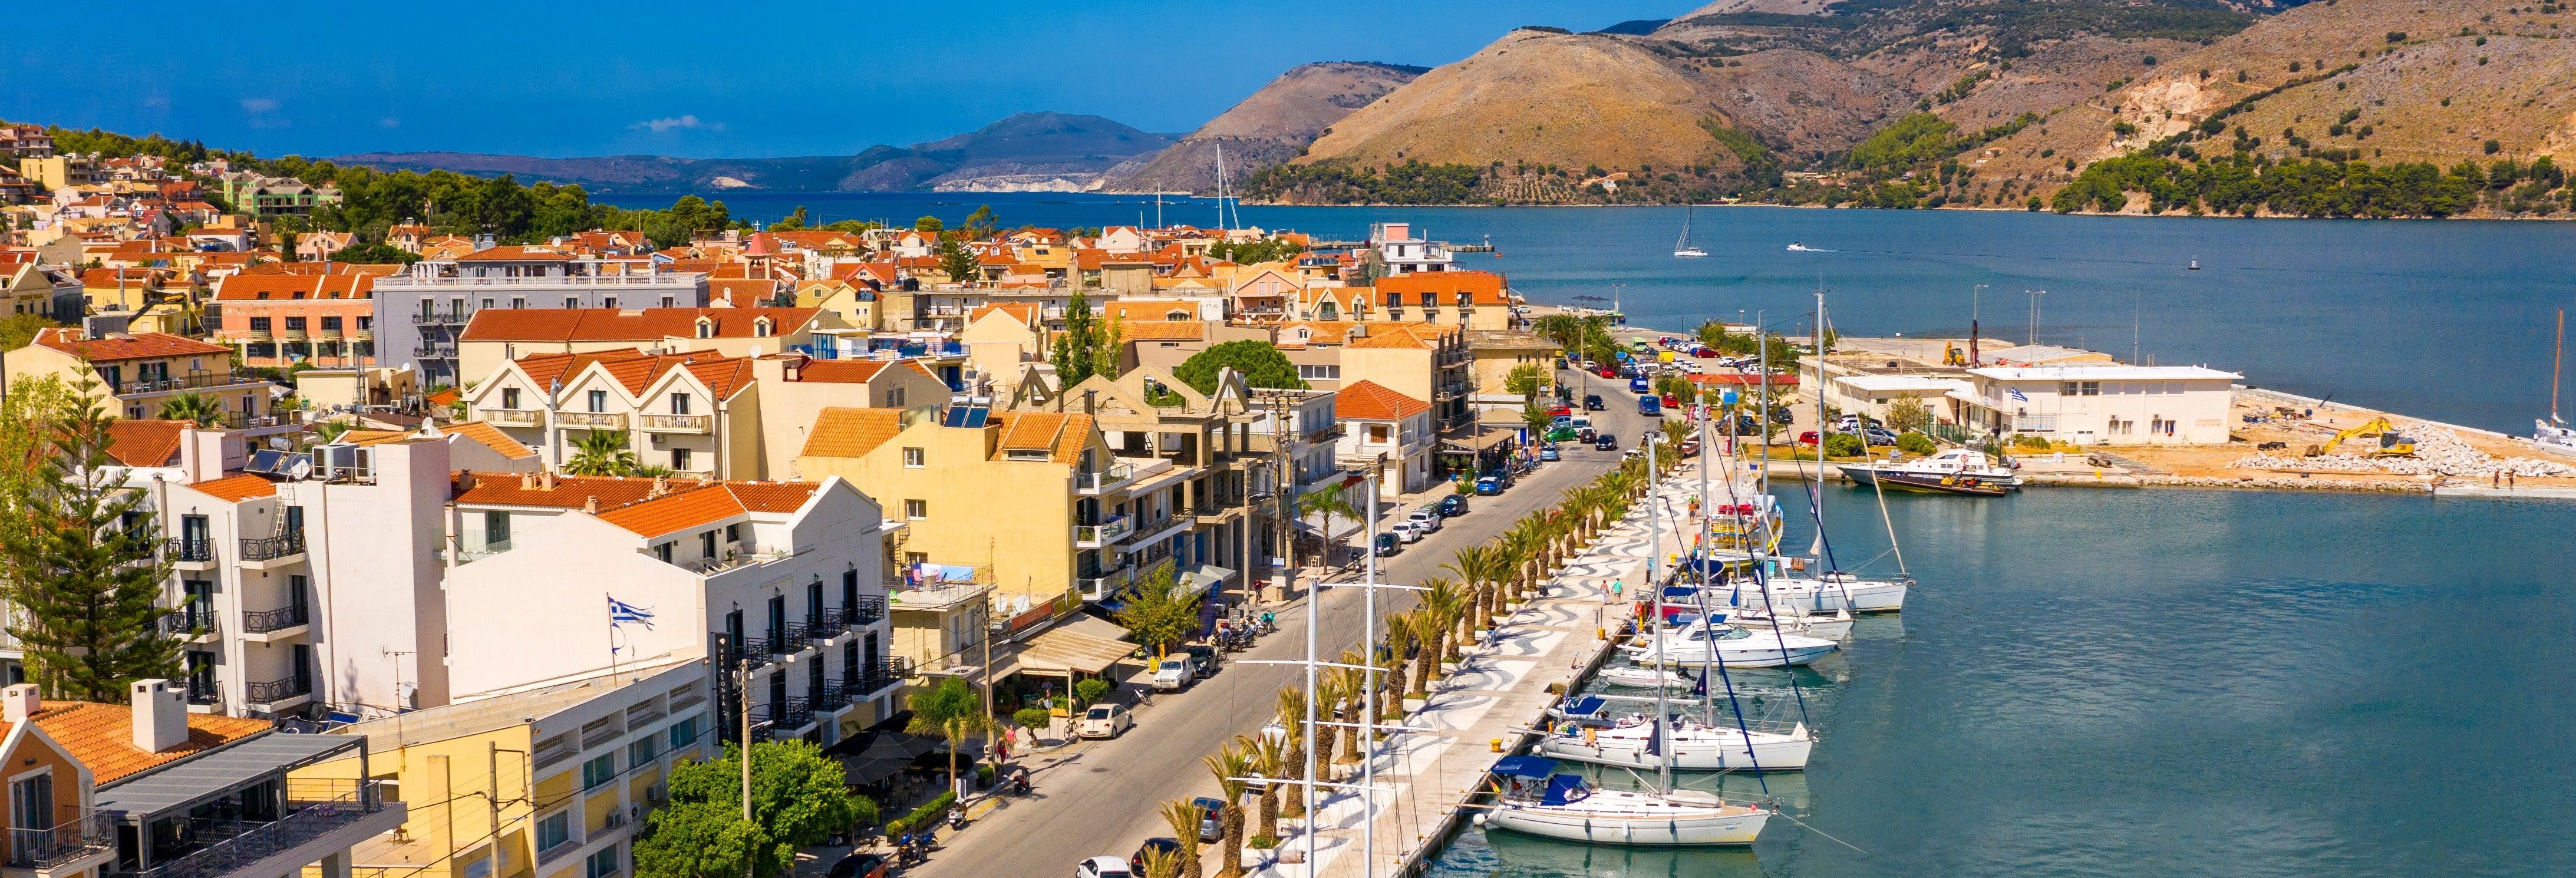 Crociera lungo la costa di Argostoli